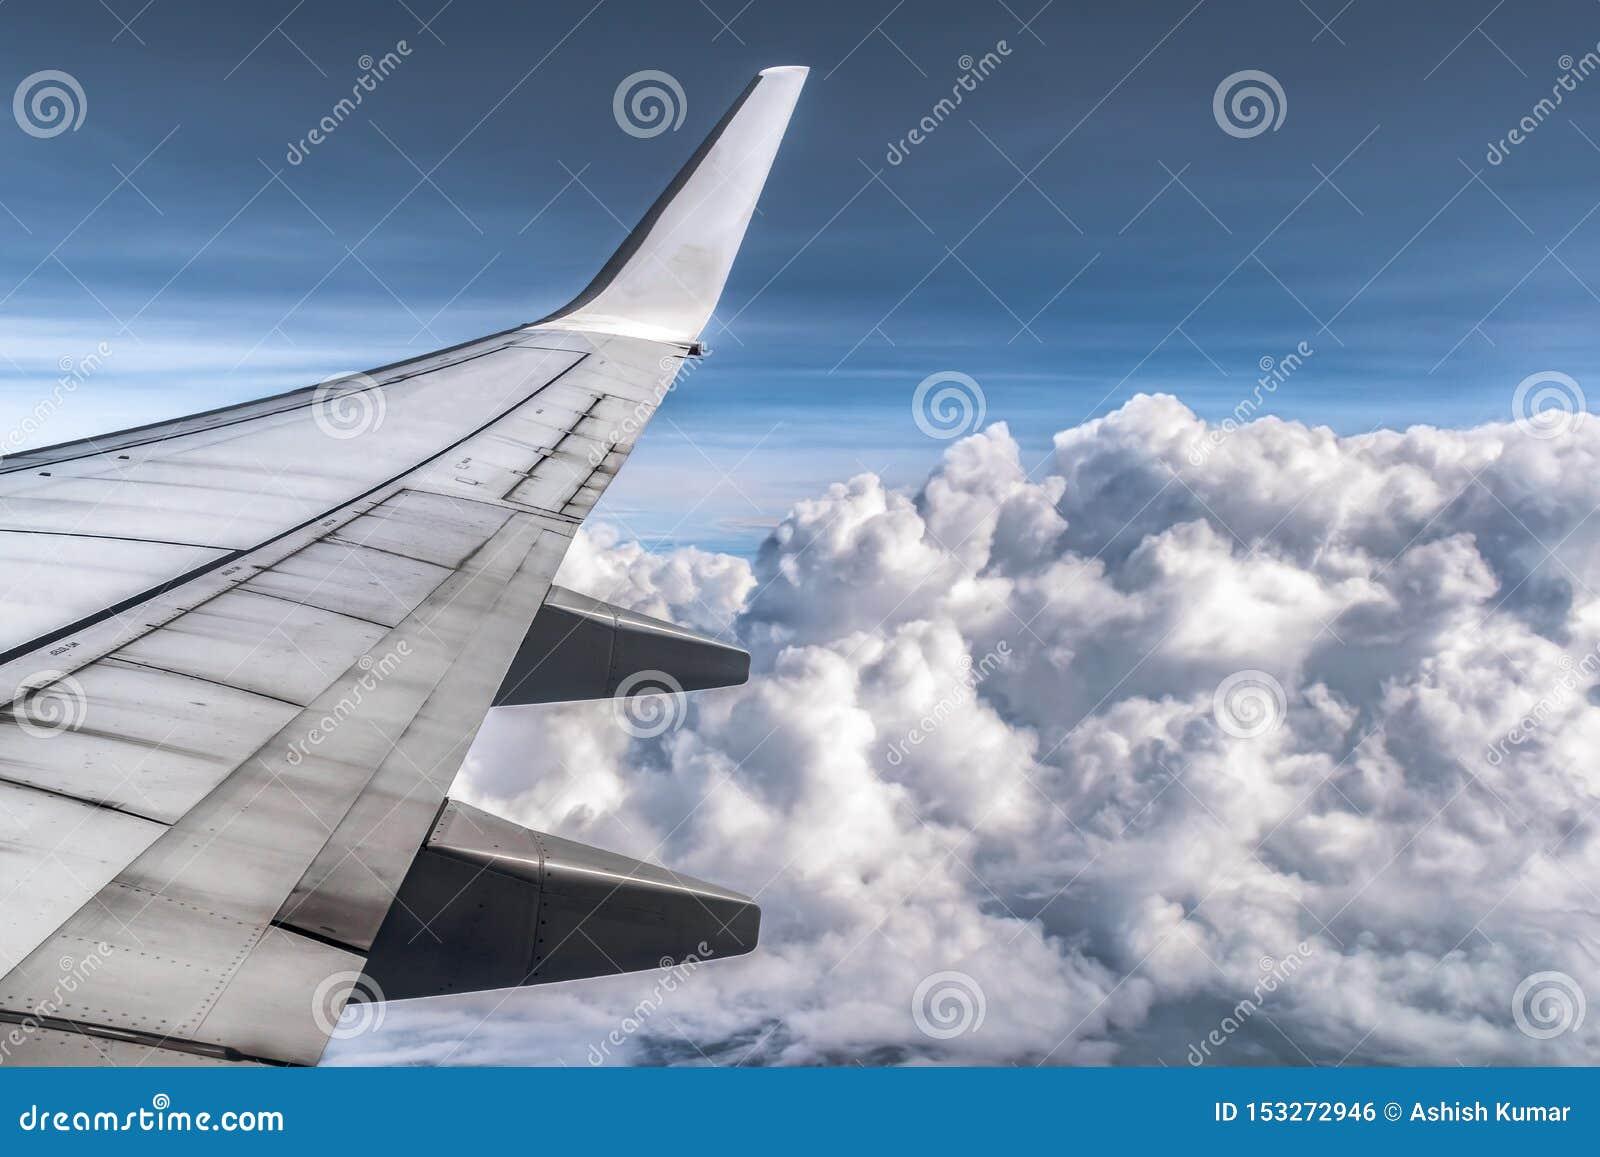 Dramatyczne chmury od okno samolot Skrzydła i wszystkie składniki są widoczni Chmurnieje puszystego jako bawełniane piłki